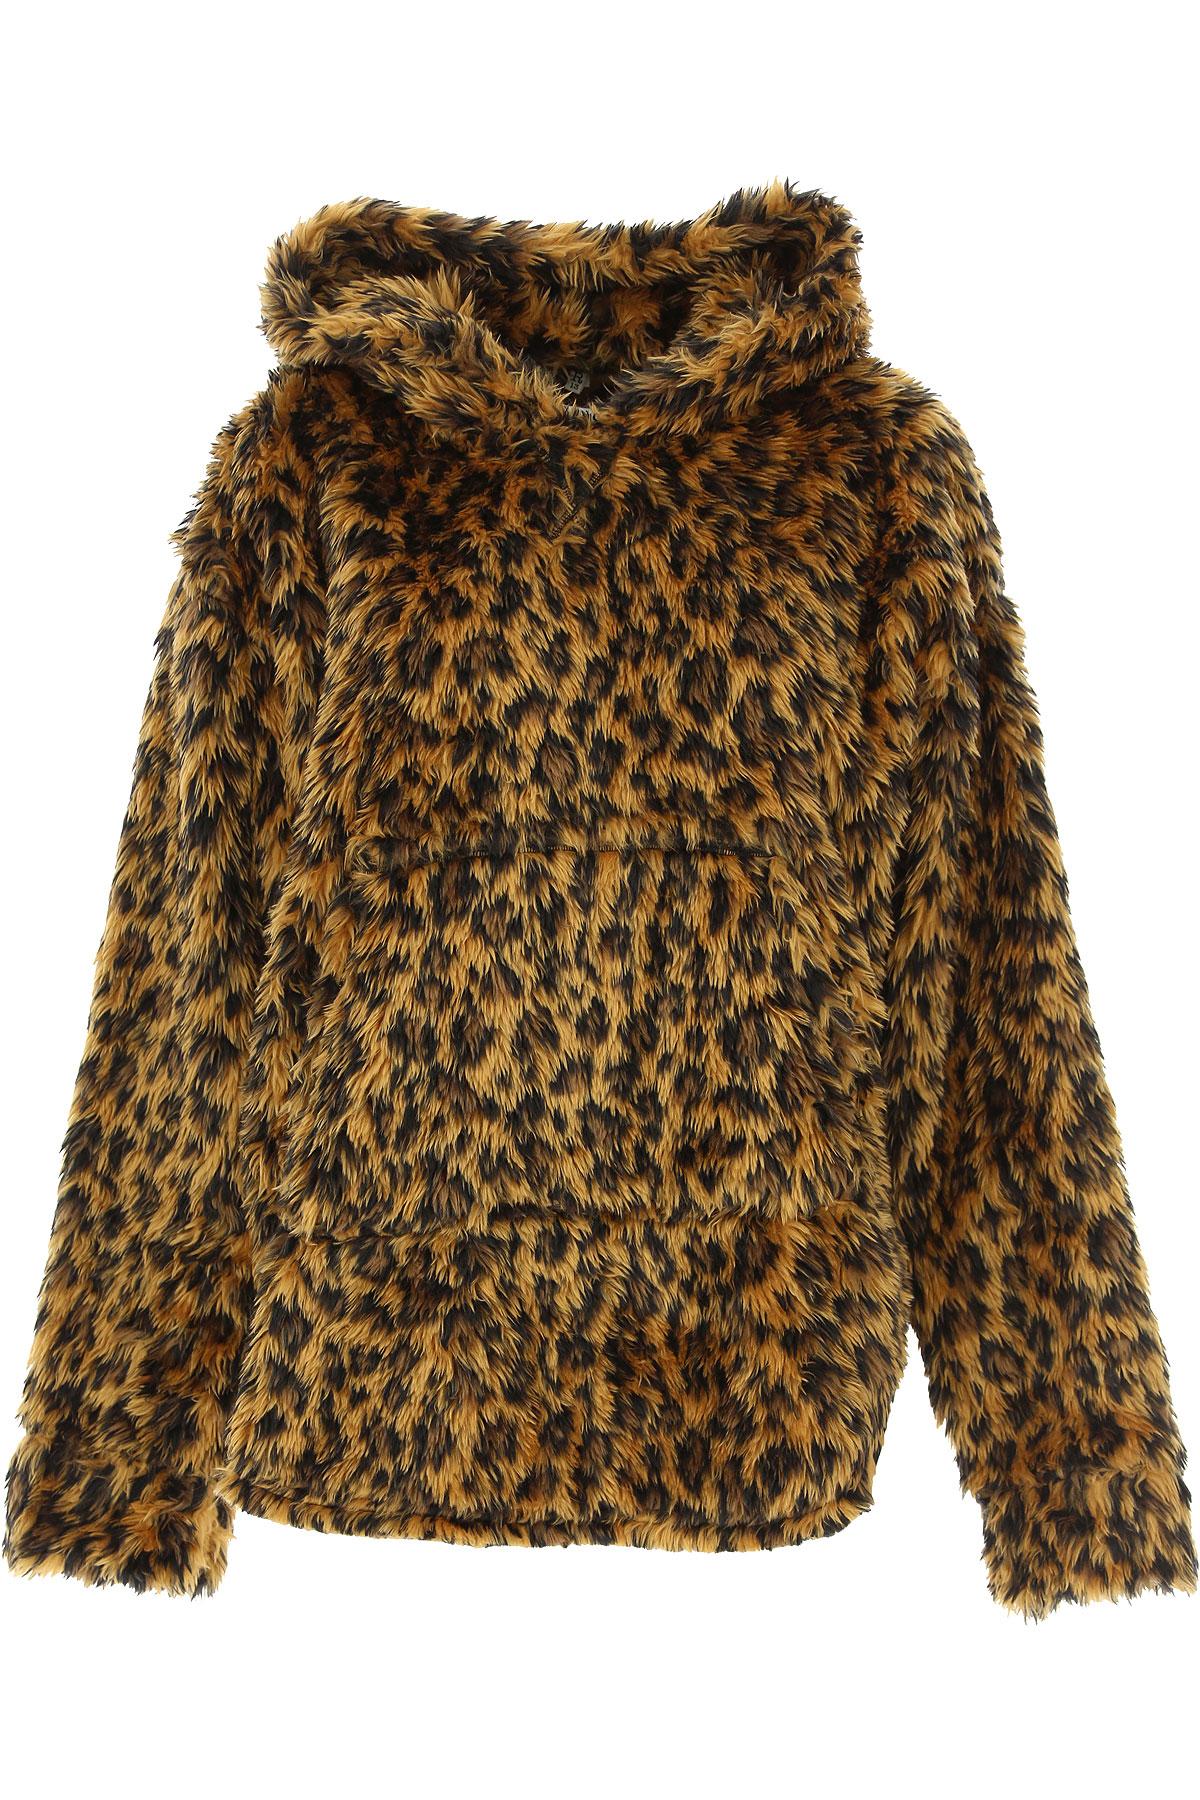 R13 Jacket for Women On Sale, Leopard, Acrylic, 2019, 6 8